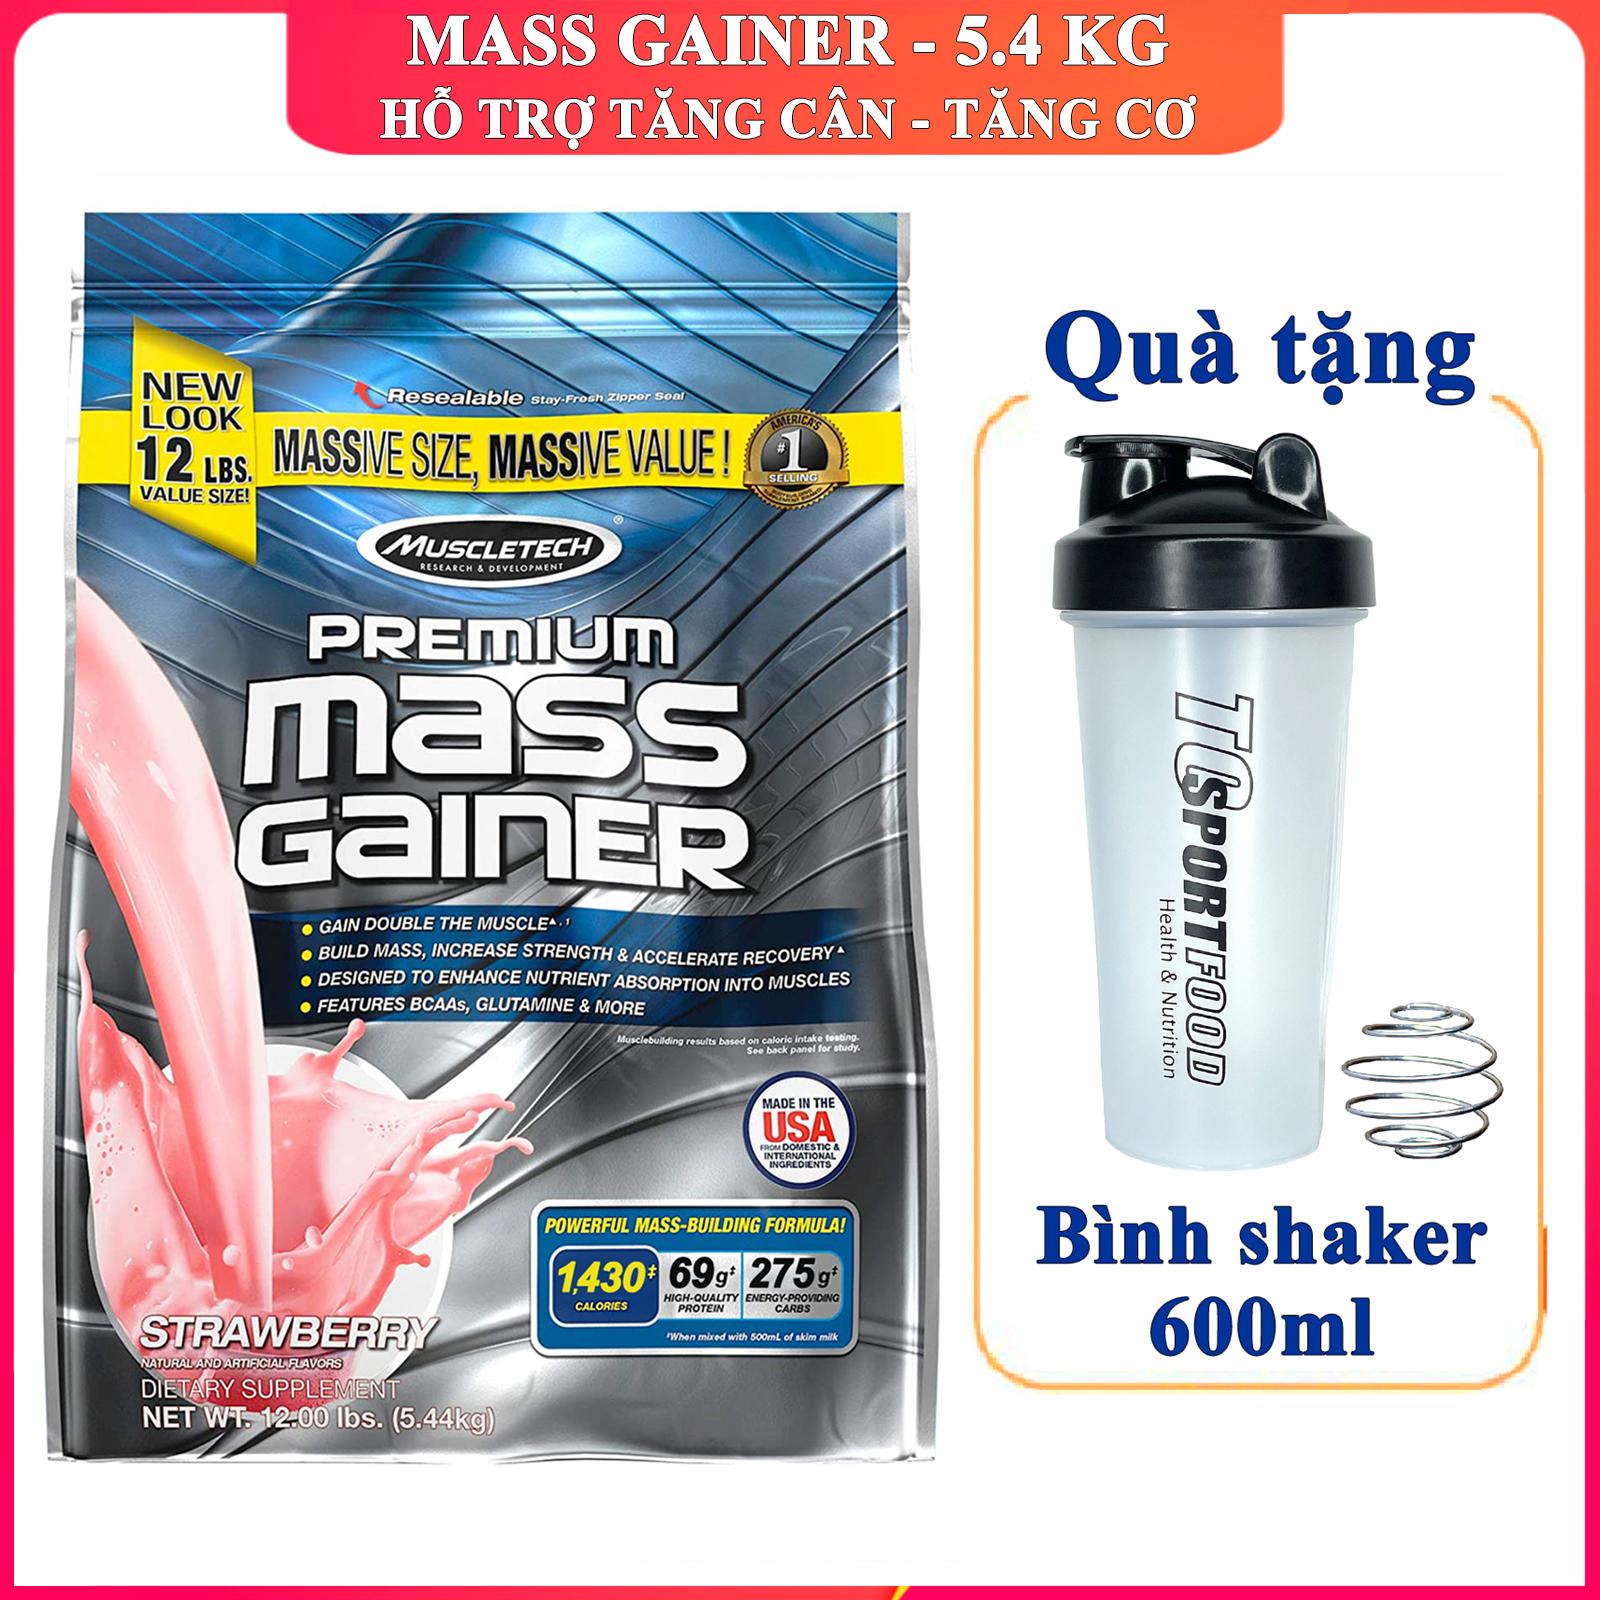 [TẶNG BÌNH LẮC] Sữa tăng cân tăng cơ Premium Mass Gainer của MuscleTech bịch 5.4 kg dễ hấp thu không kén người dùng có enzym tiêu hóa cho người gầy kén ăn khó hấp thu - thực phẩm bổ sung